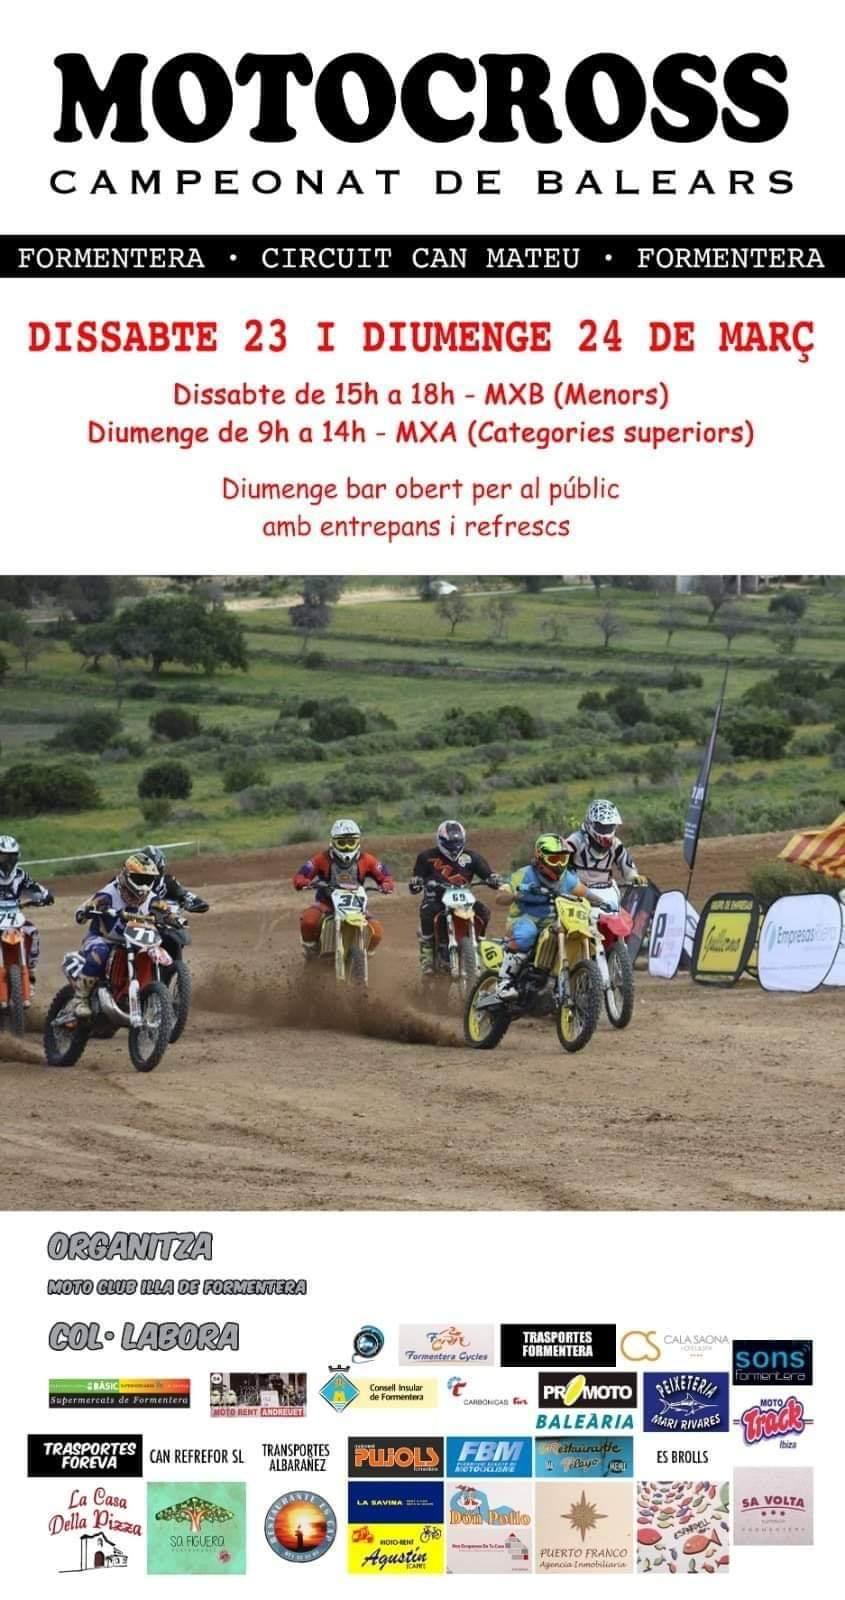 Motocross Formentera